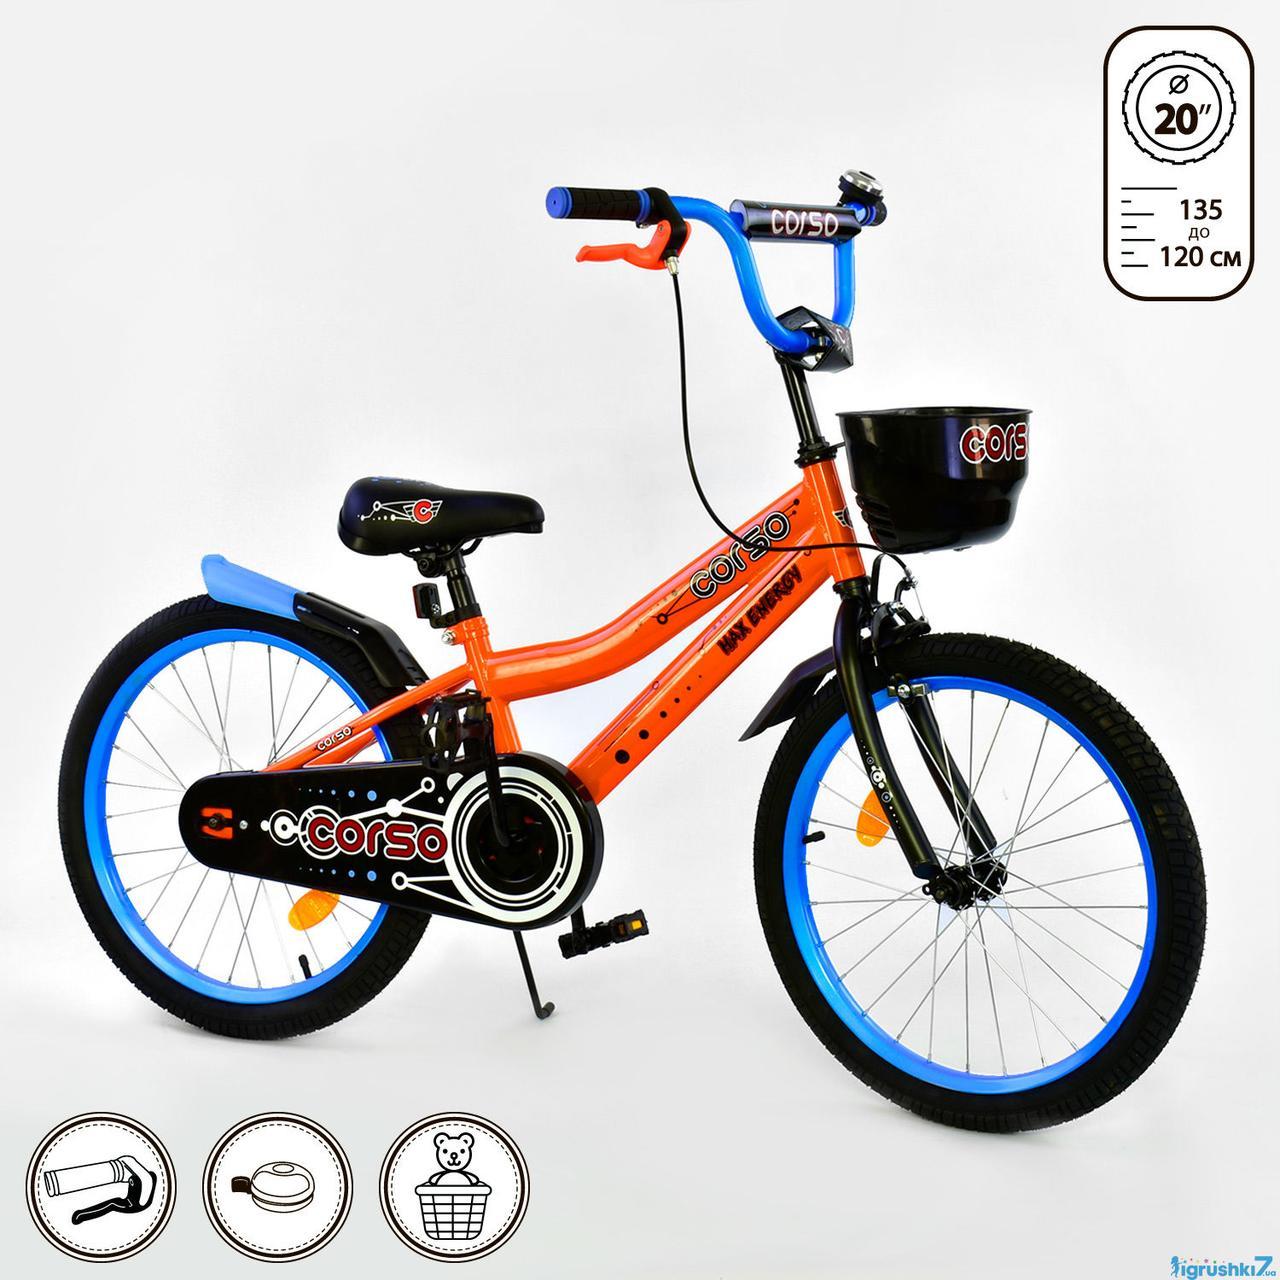 Двухколесный детский велосипед 20 дюймов CORSO R-20305 оранжевый с корзинкой